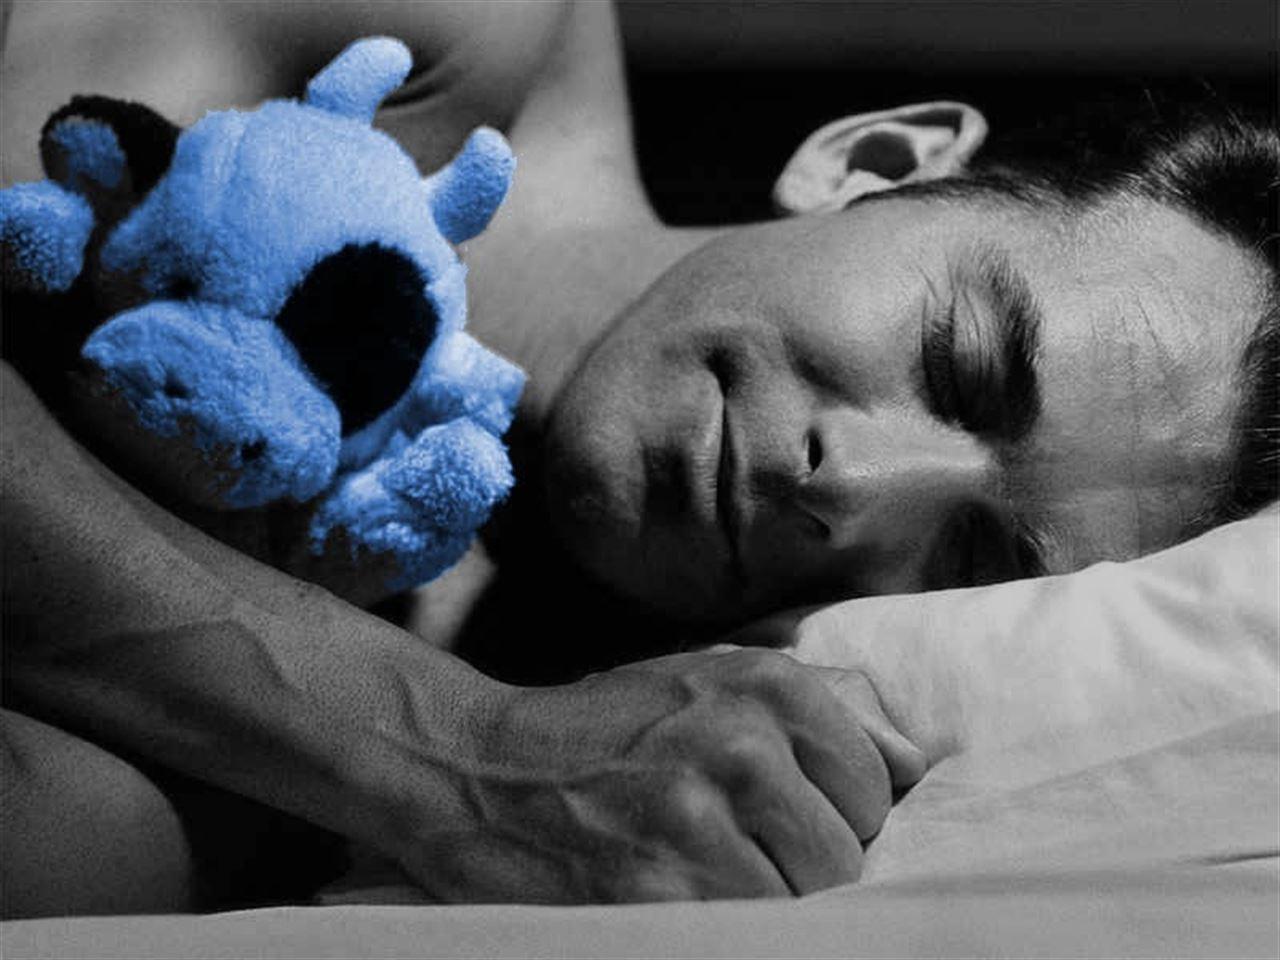 Студентка спит с мужчиной намного старше себя за деньги 23 фотография